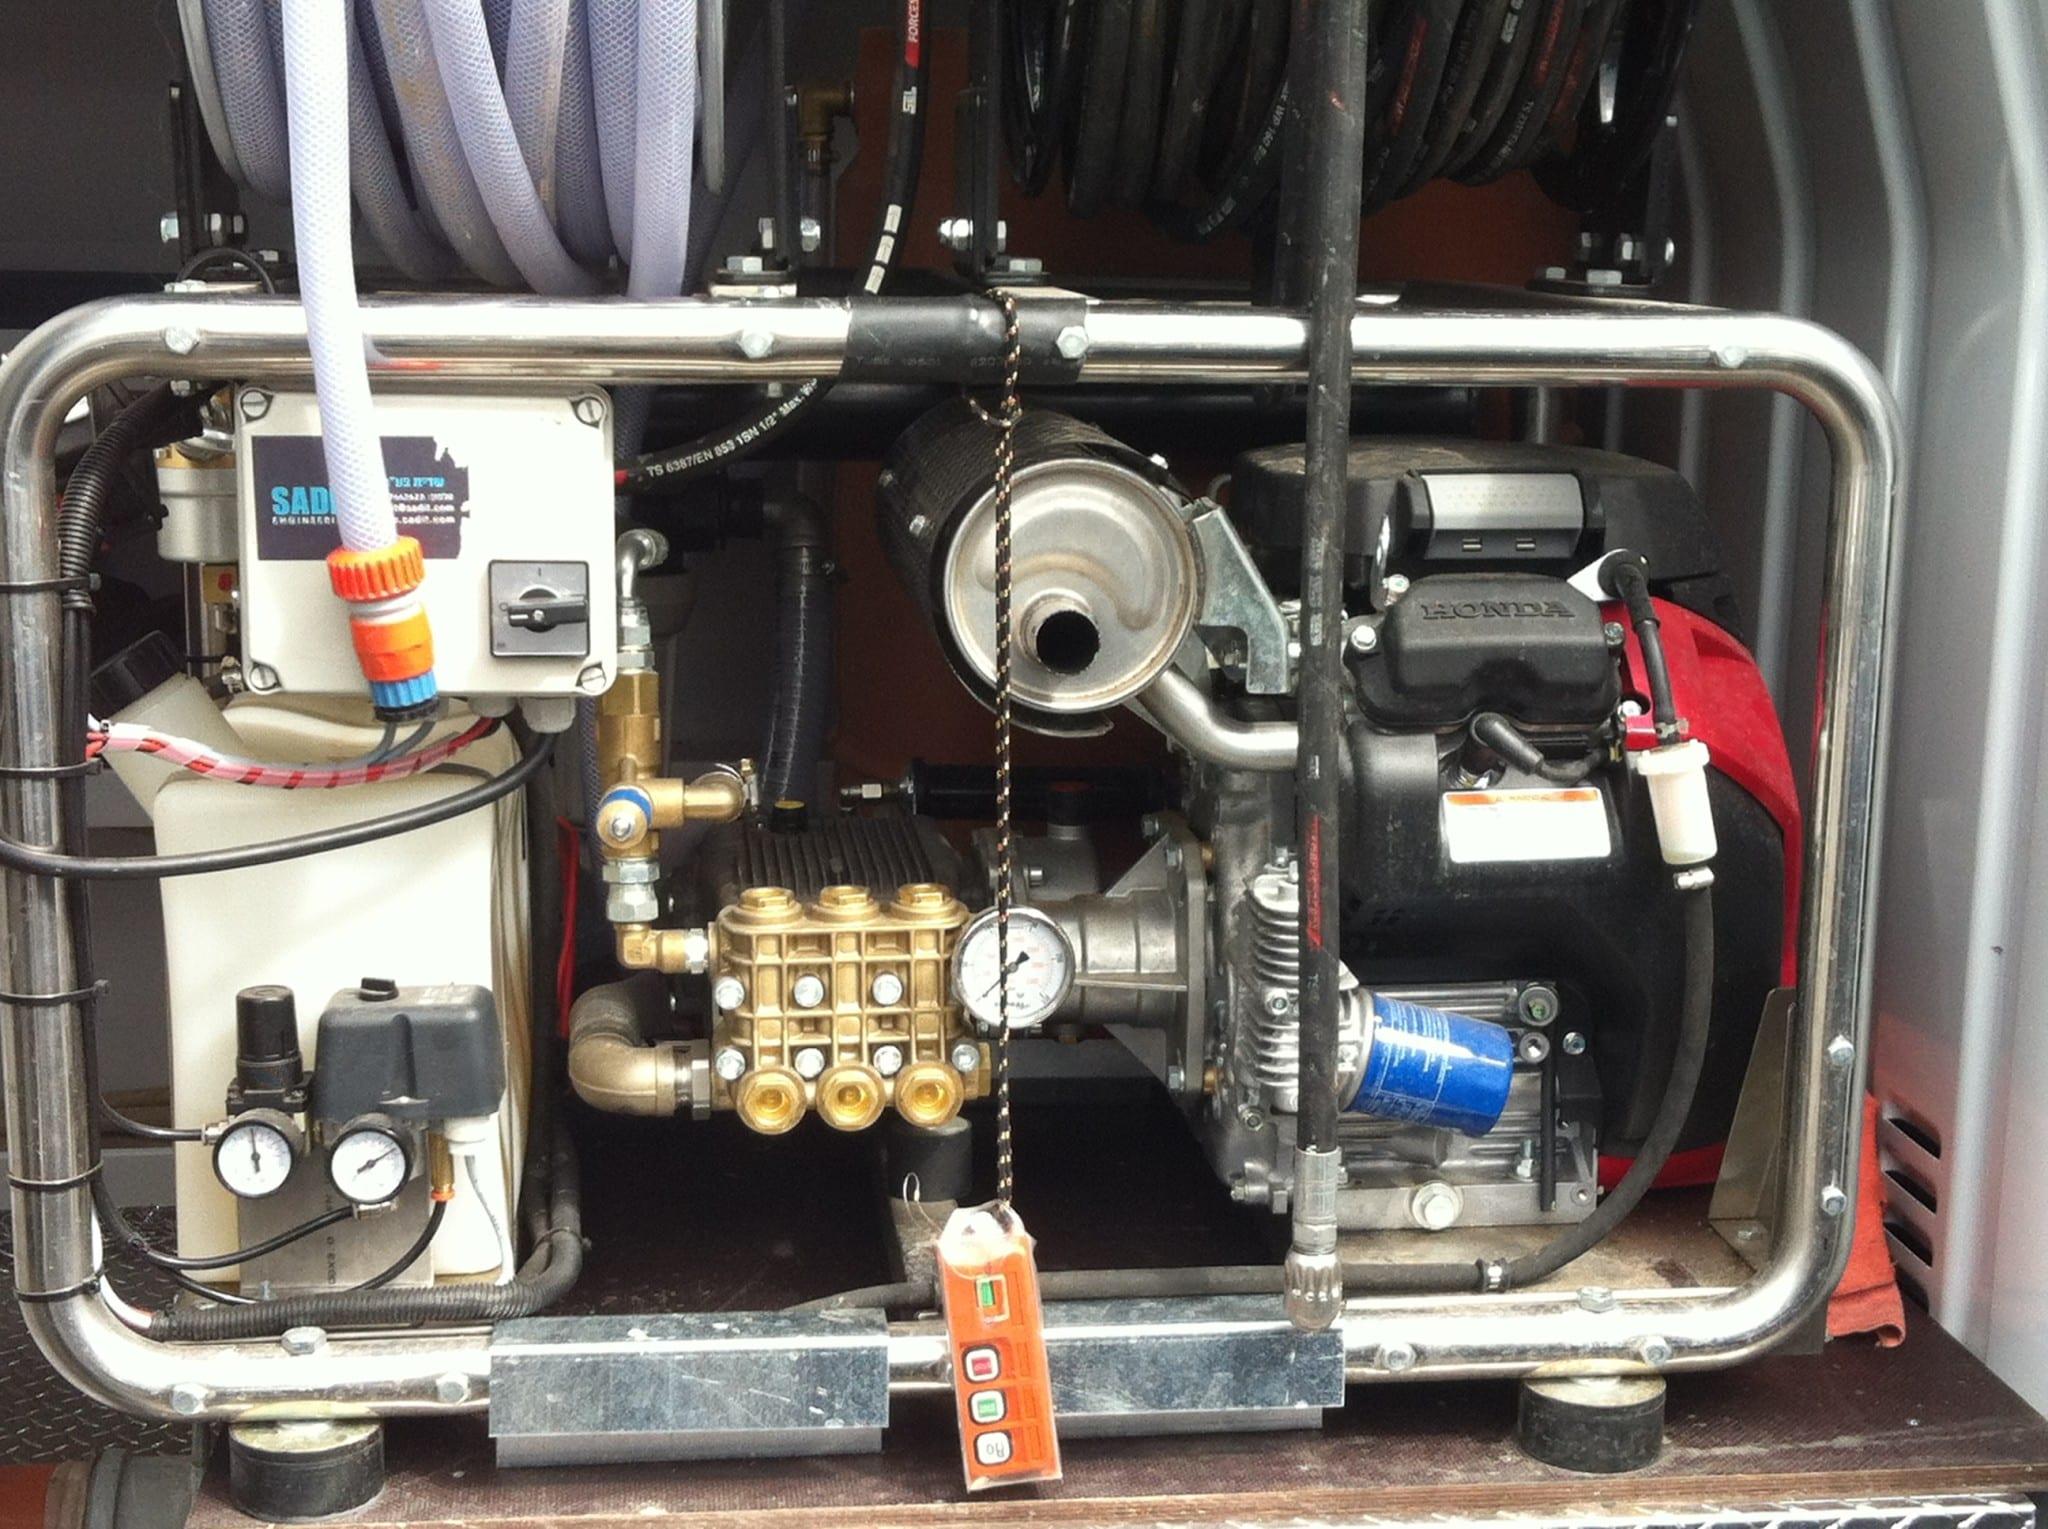 מגניב ניידת לפתיחת סתימות ביוב | אינפרא בונפיל איתור נזילות מים ZY-52